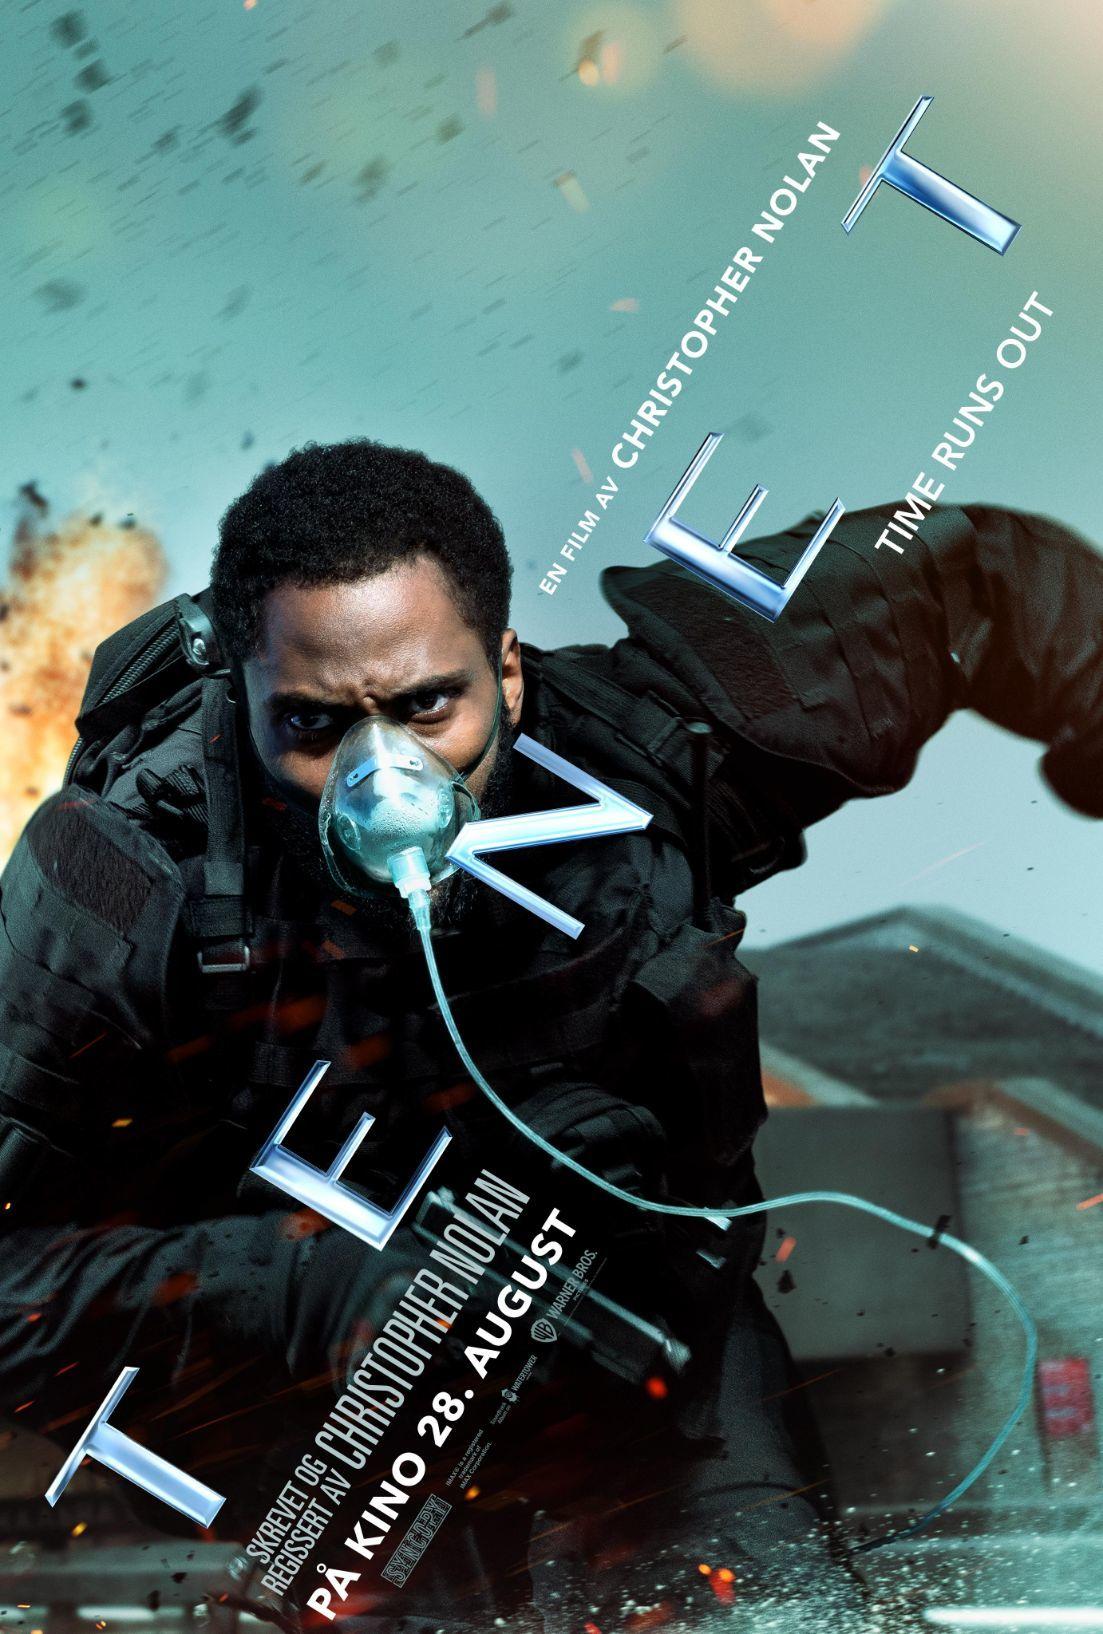 ノルウェー版 (C)2020 Warner Bros Entertainment Inc. All Rights Reserved